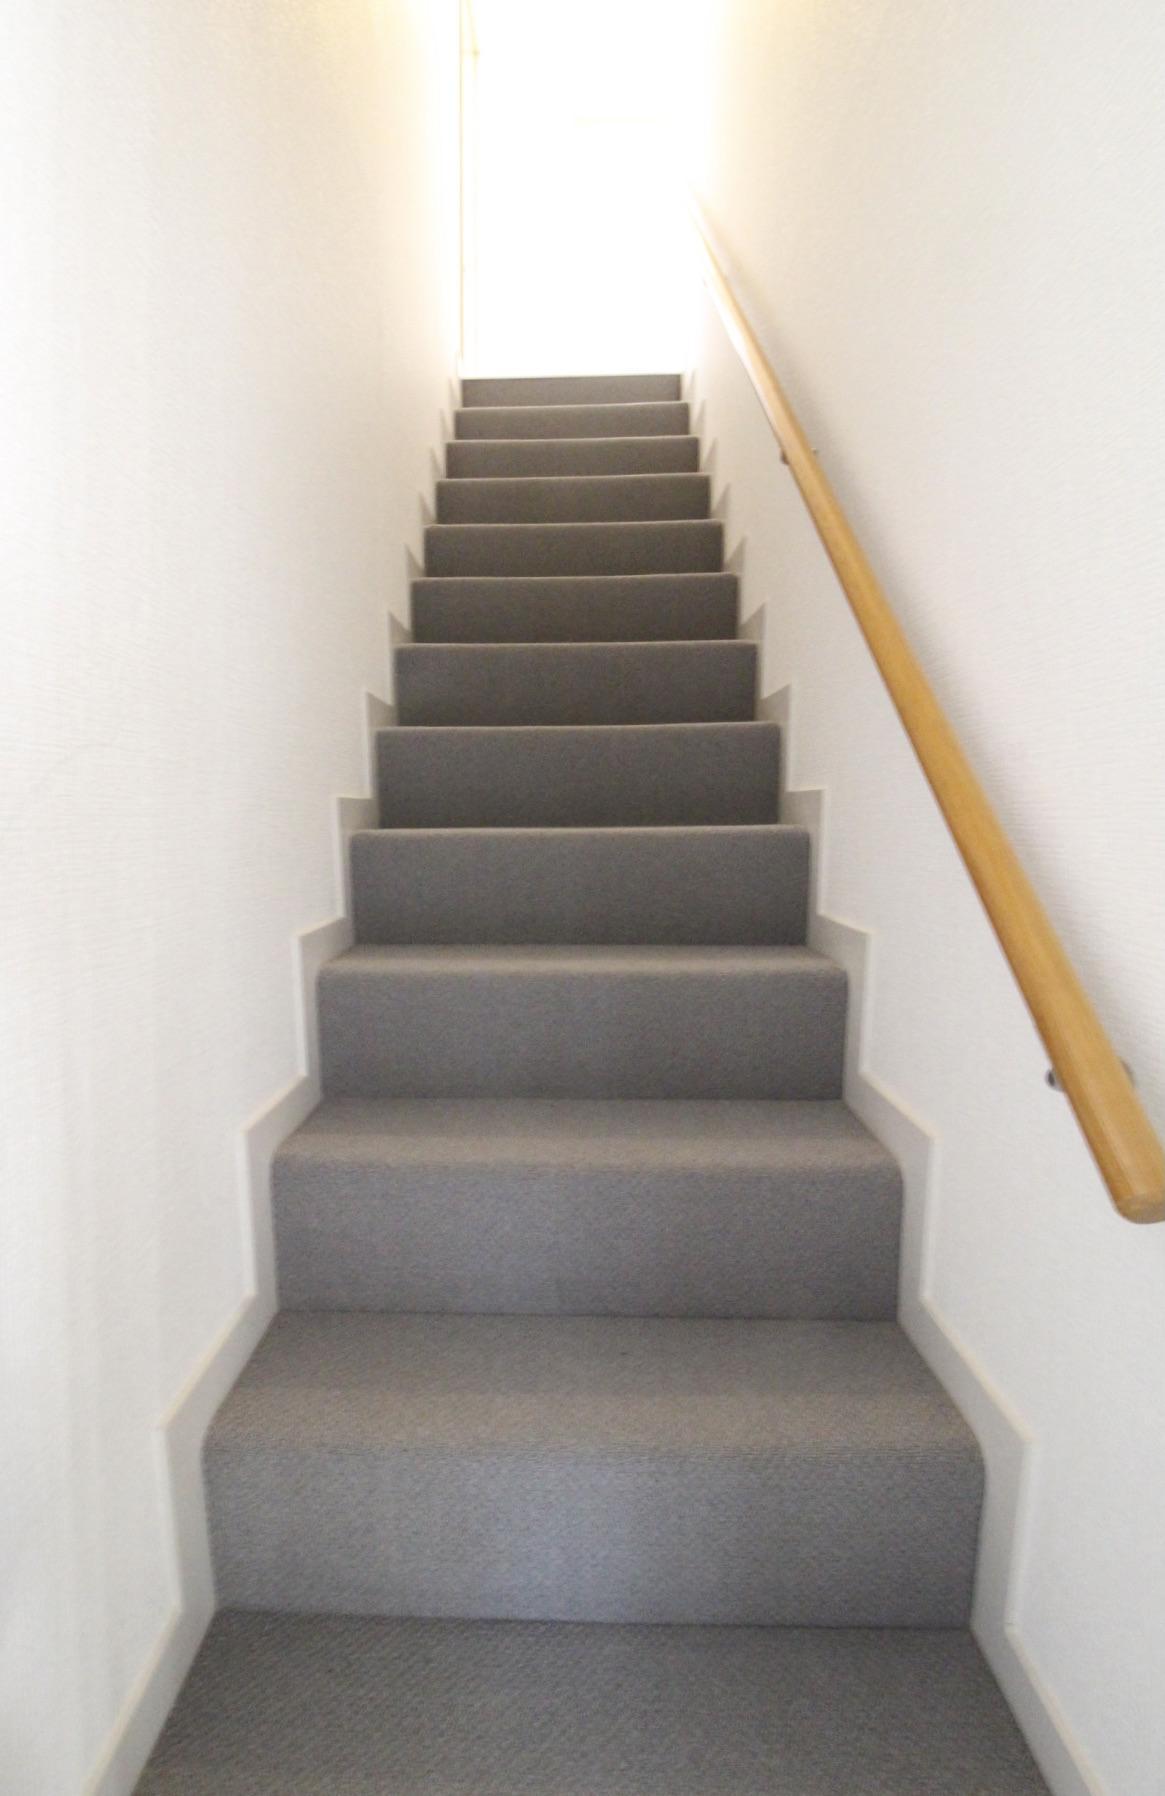 ふかふか絨毯敷きの階段